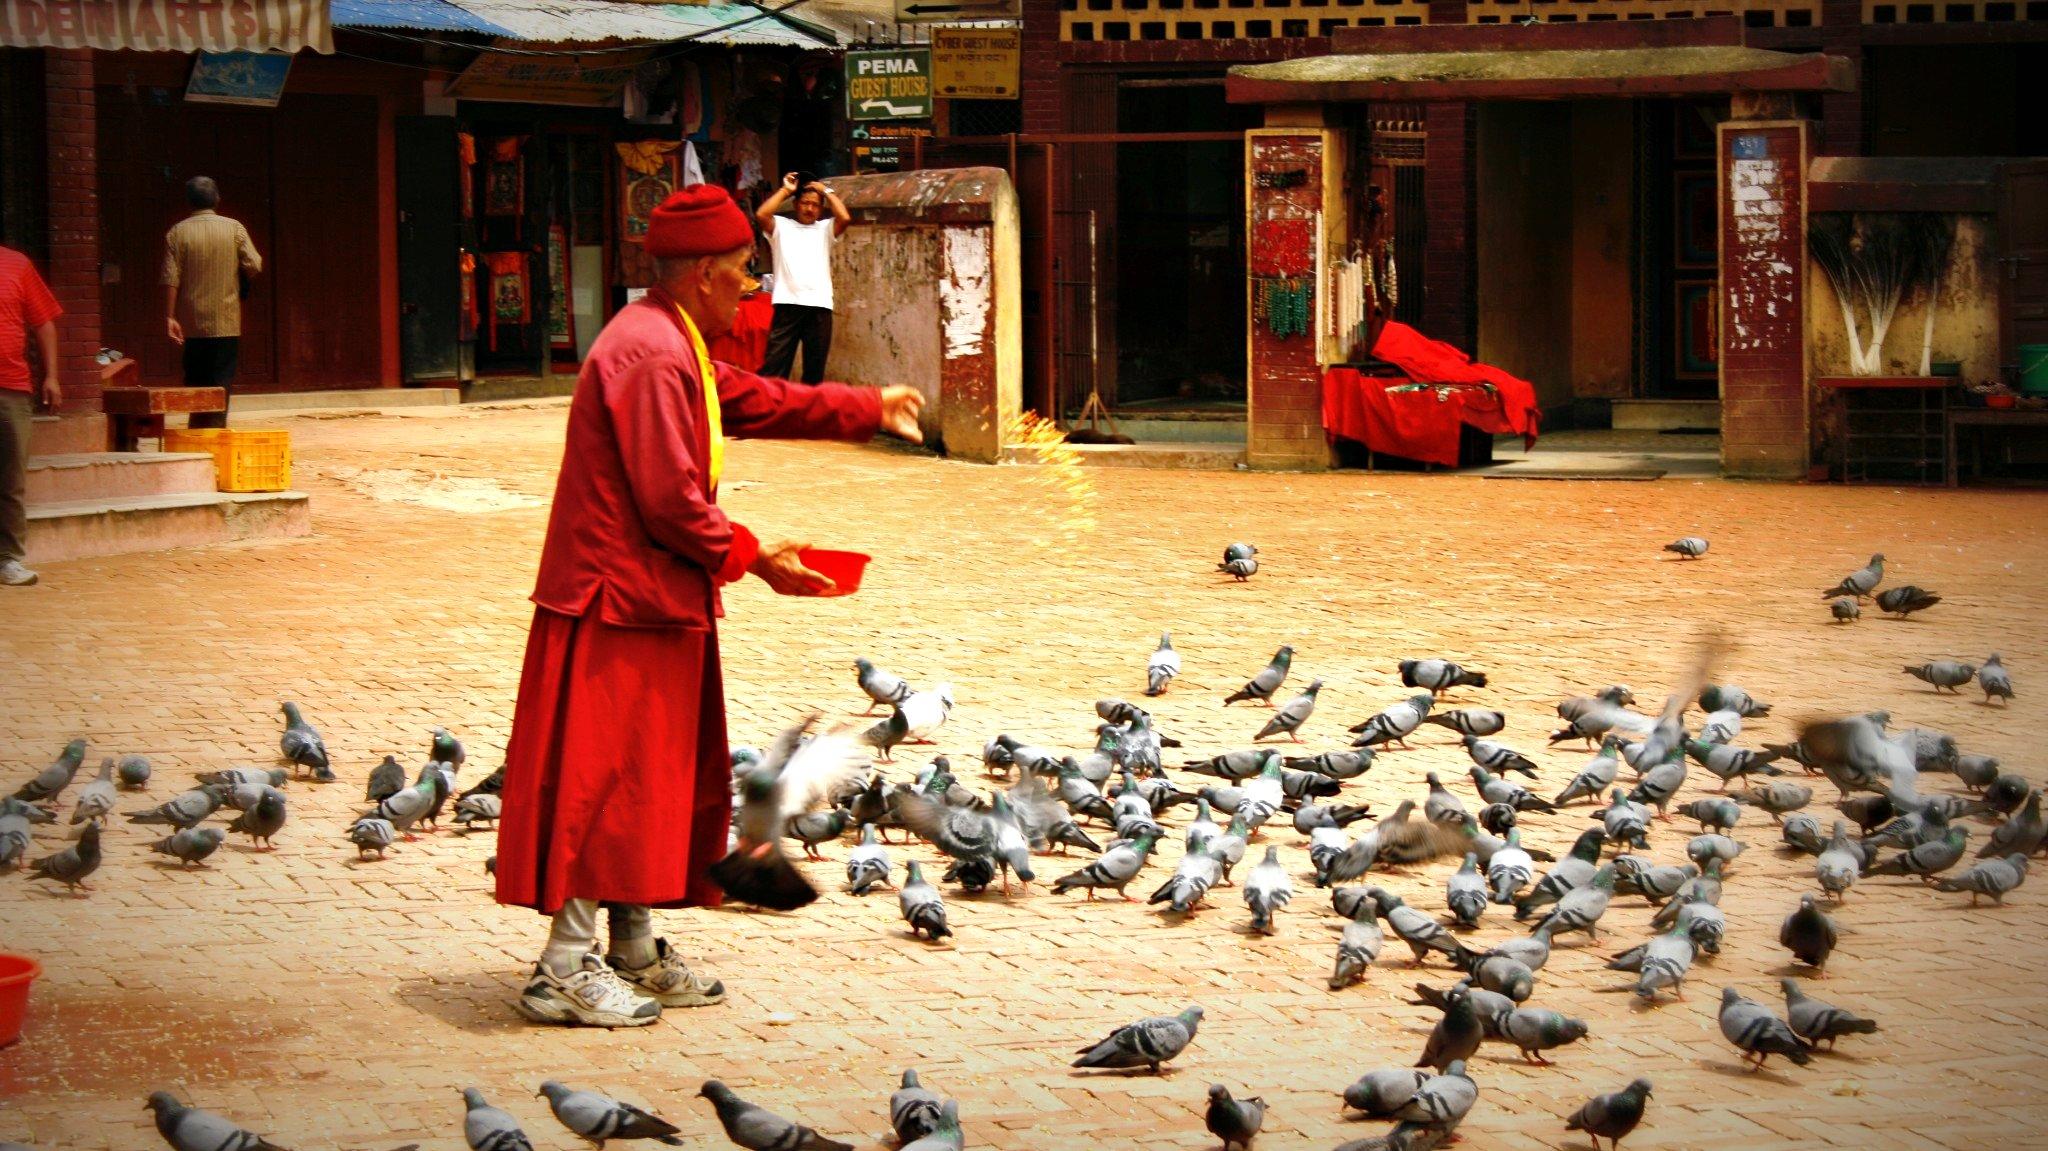 monnik voert de vogels